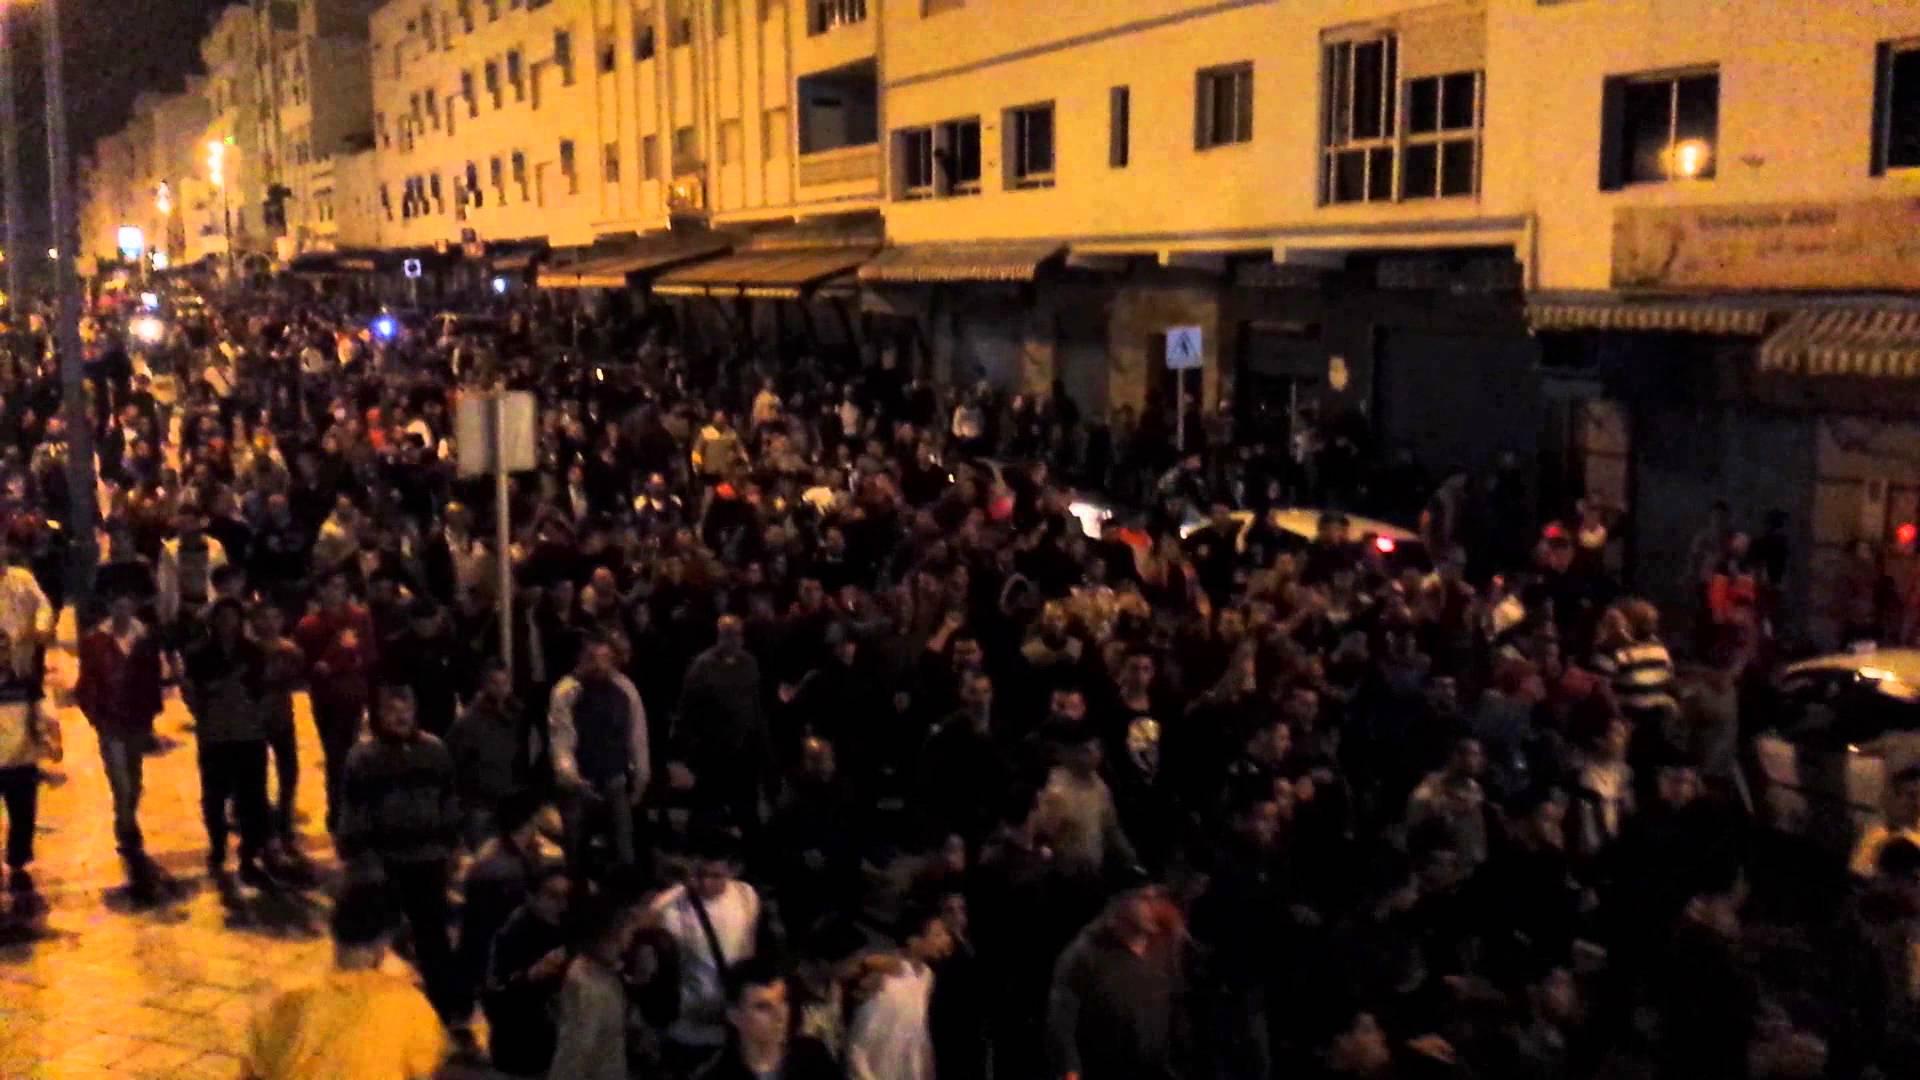 استياء بالفنيدق من مستشار لـ«البيجيدي» وصف المتظاهرين ضد «أمانديس» بالحمير